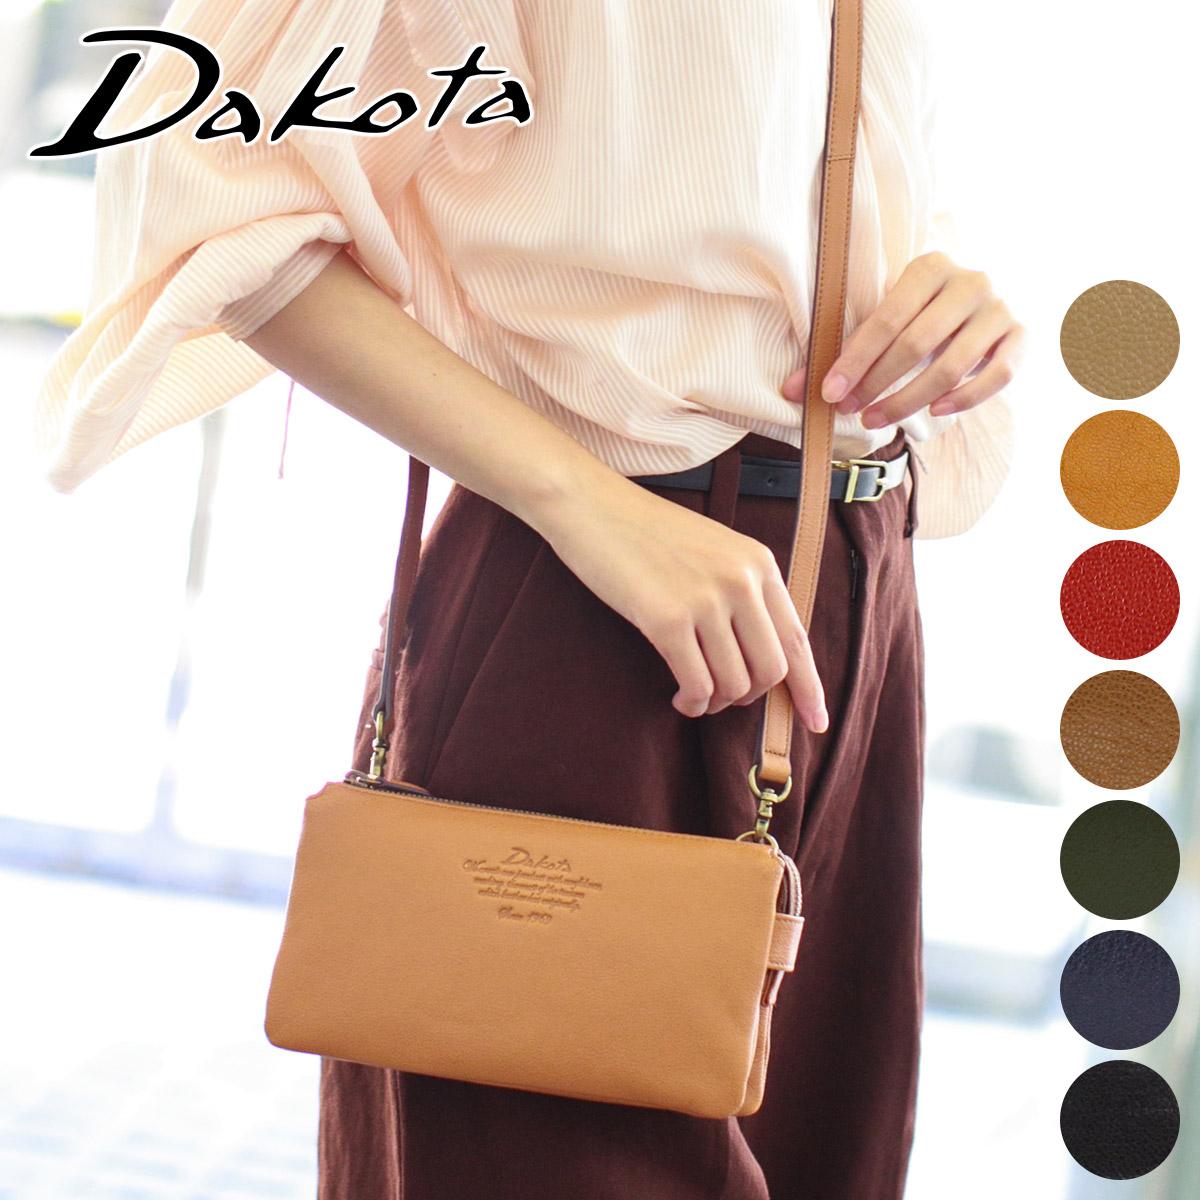 お財布とバッグが一緒になった!可愛い、お財布バッグのおすすめを教えて